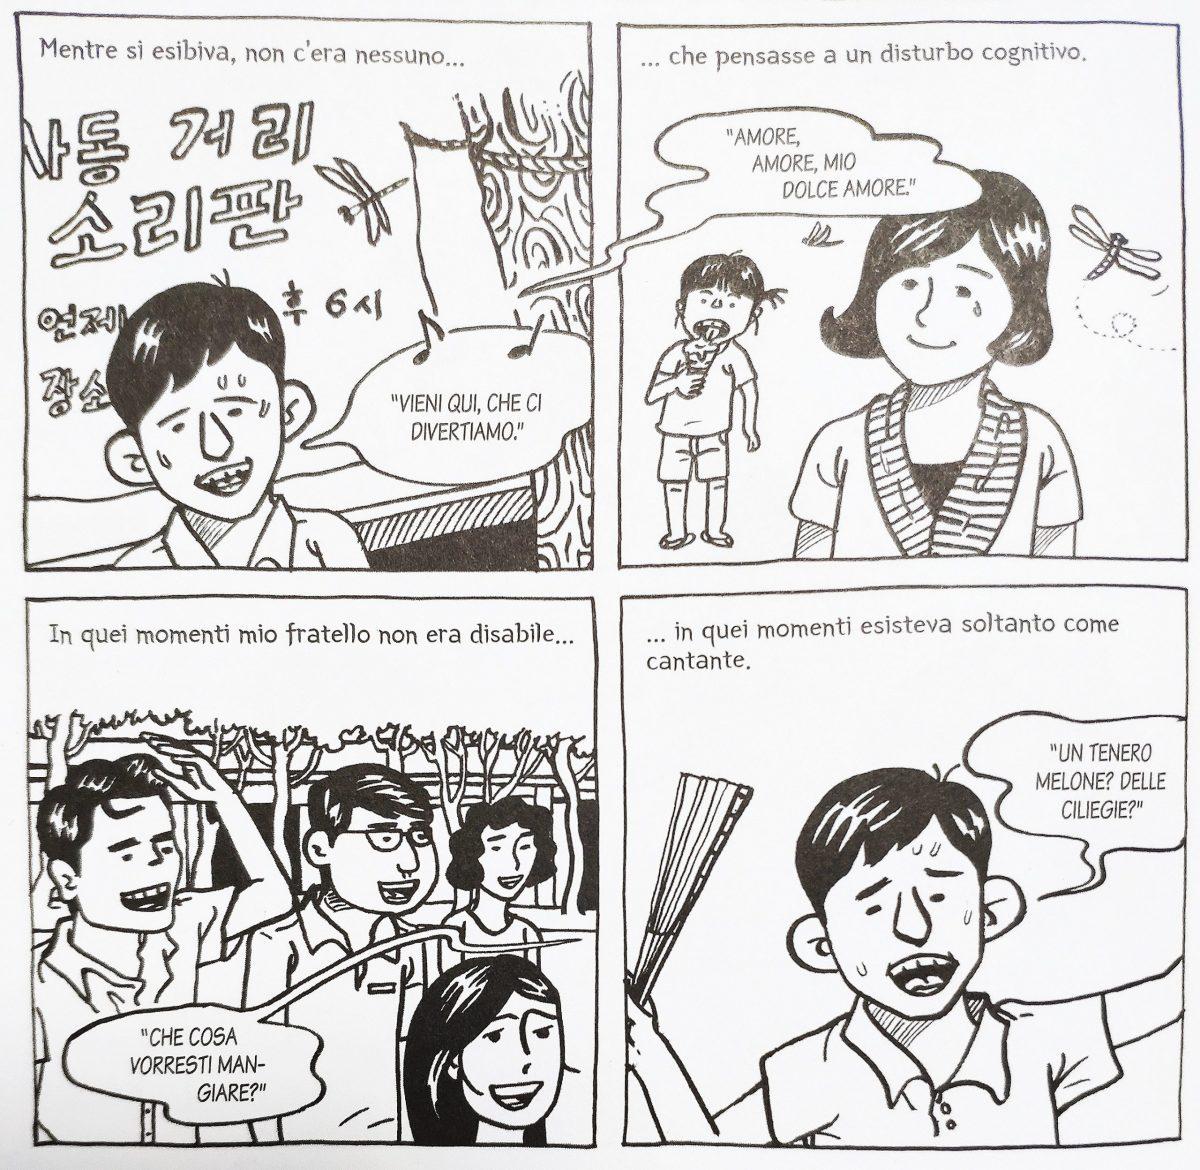 Mio caro fumetto... - Jun libero di esprimersi nel pansori e grazie alla musica